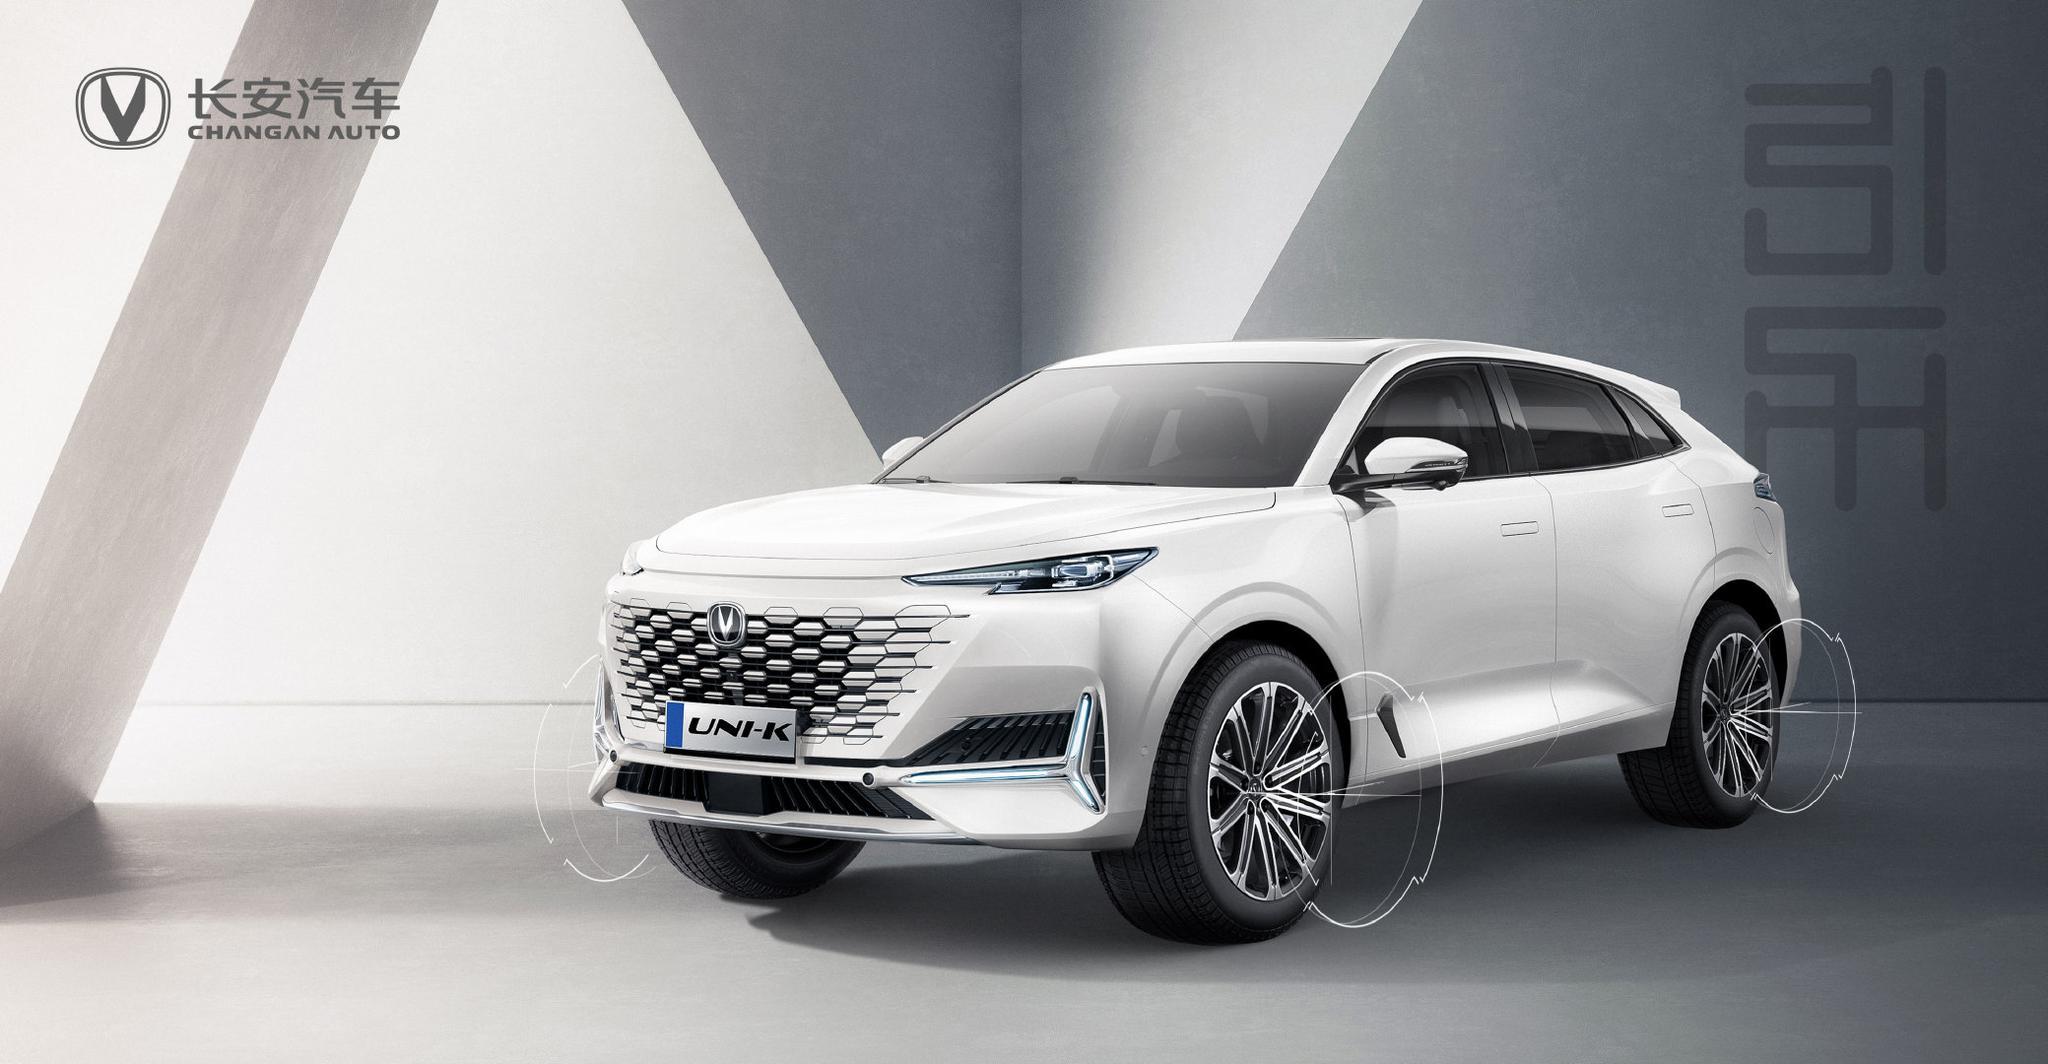 长安UNI-K外观官图发布,新车作为旗下高端序列UNI的第二款量产车